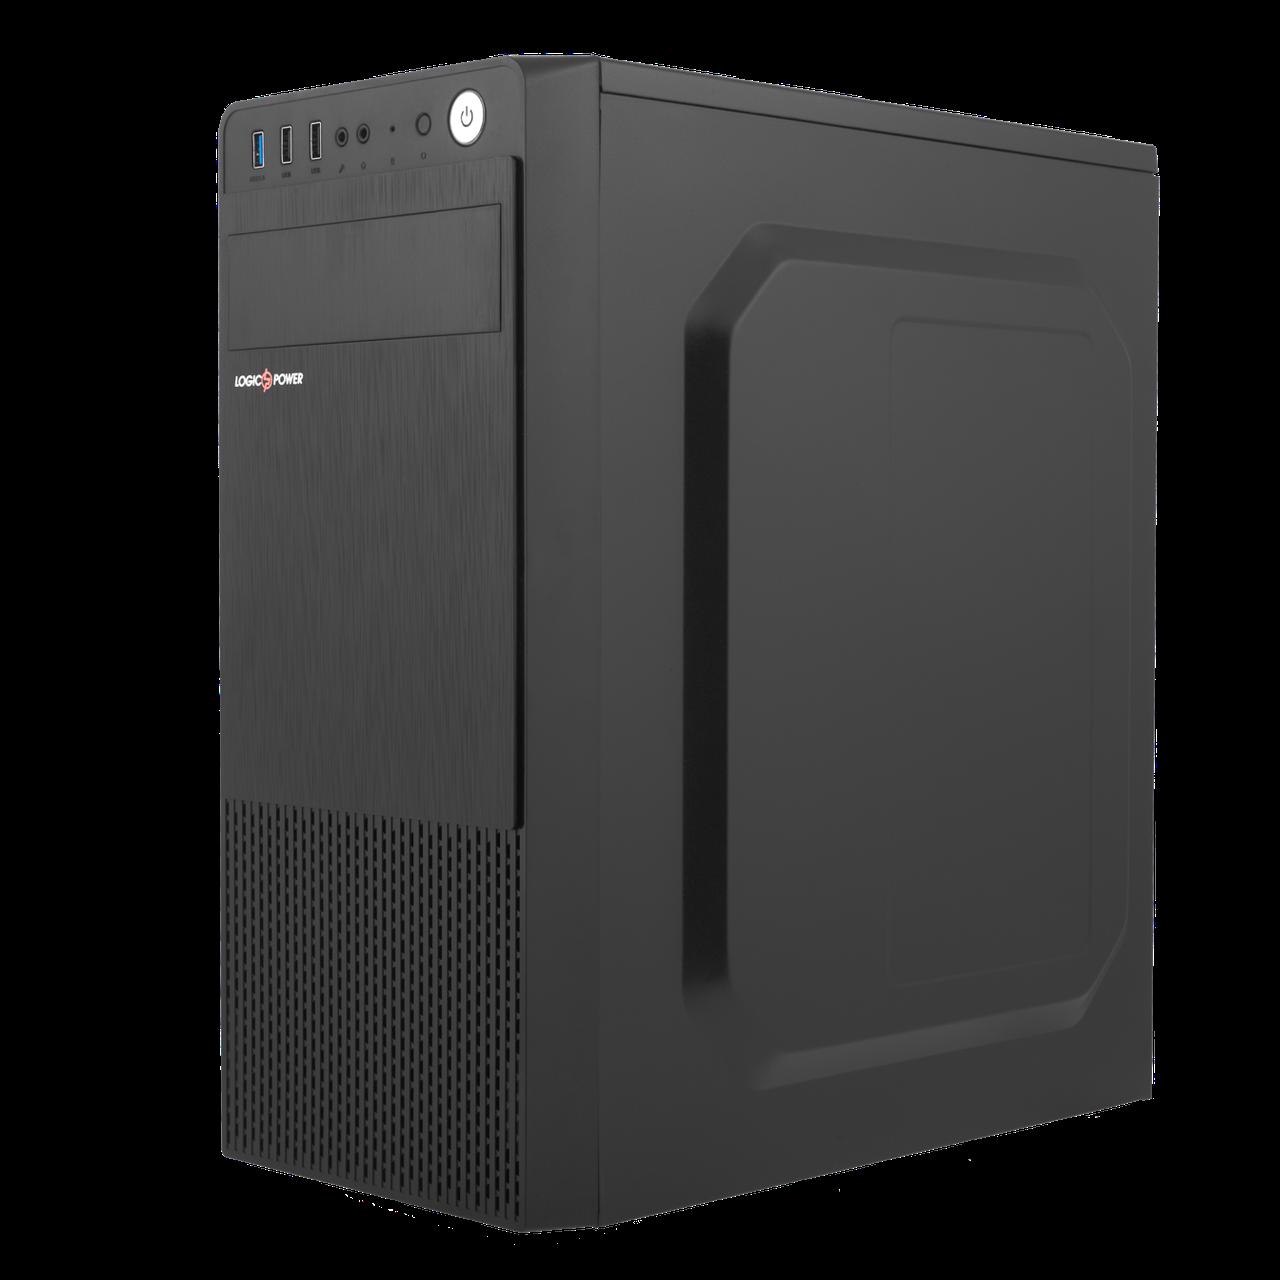 Корпус LP 2008-450W 12см black case chassis cover с 2xUSB2.0 и 1xUSB3.0